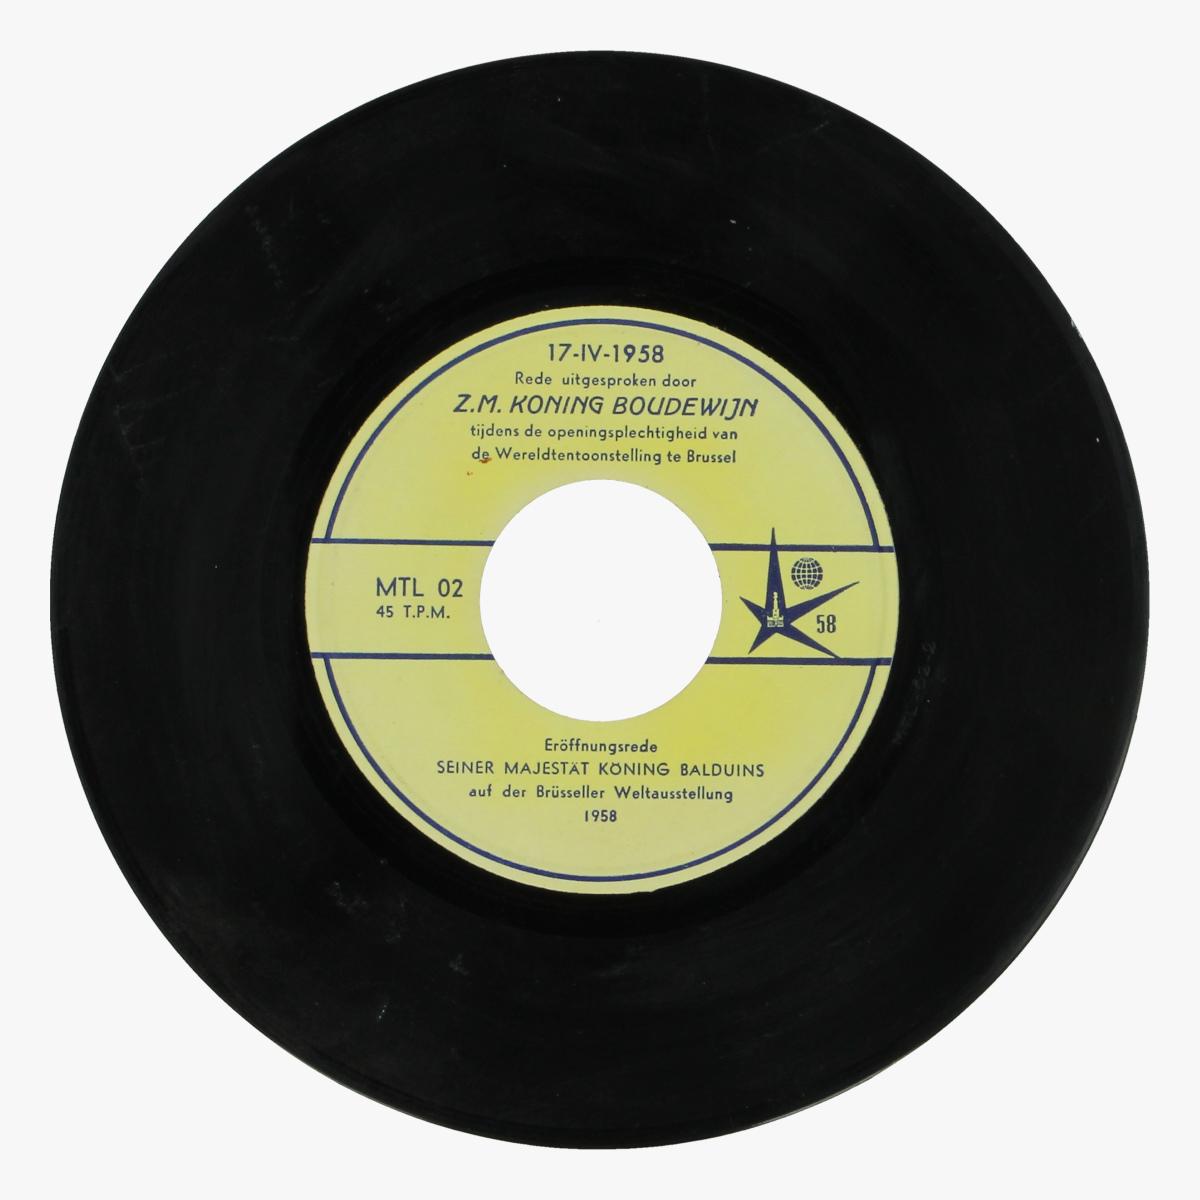 Afbeeldingen van expo 58 single rede uitgesproken door z.m. koning bodewijn tijdens de openingsplechtigheid van de wereldtentoonstelling te brussel